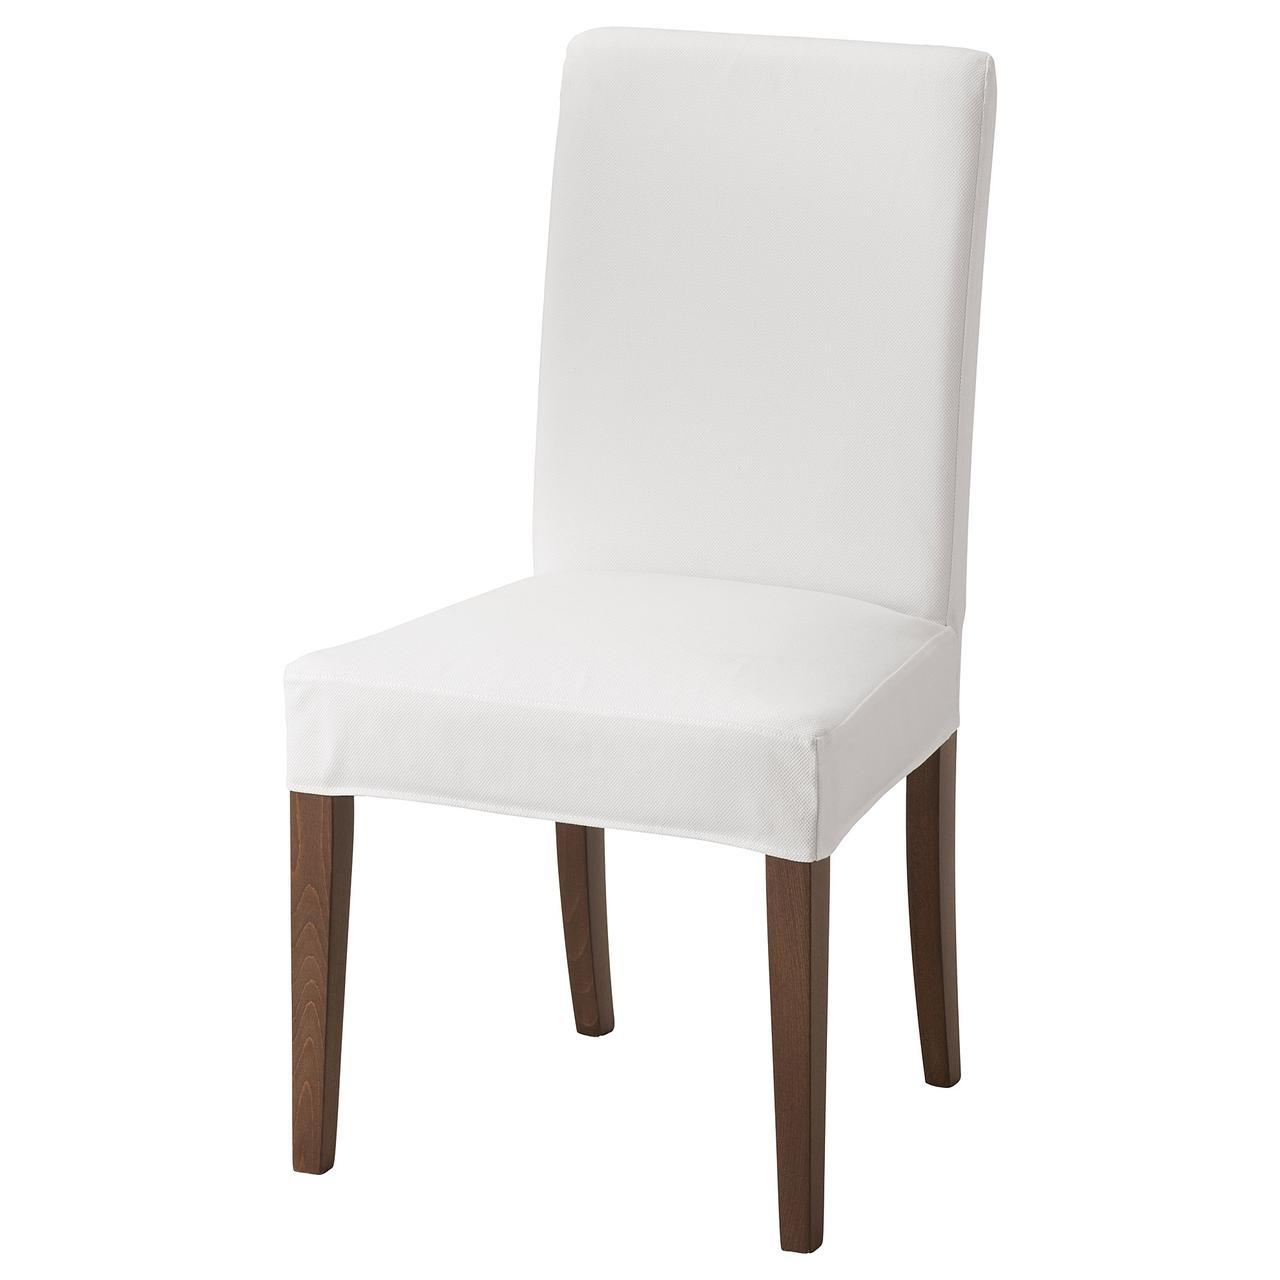 Кресло кухонное IKEA HENRIKSDAL Gräsbo коричневое белое 792.202.83